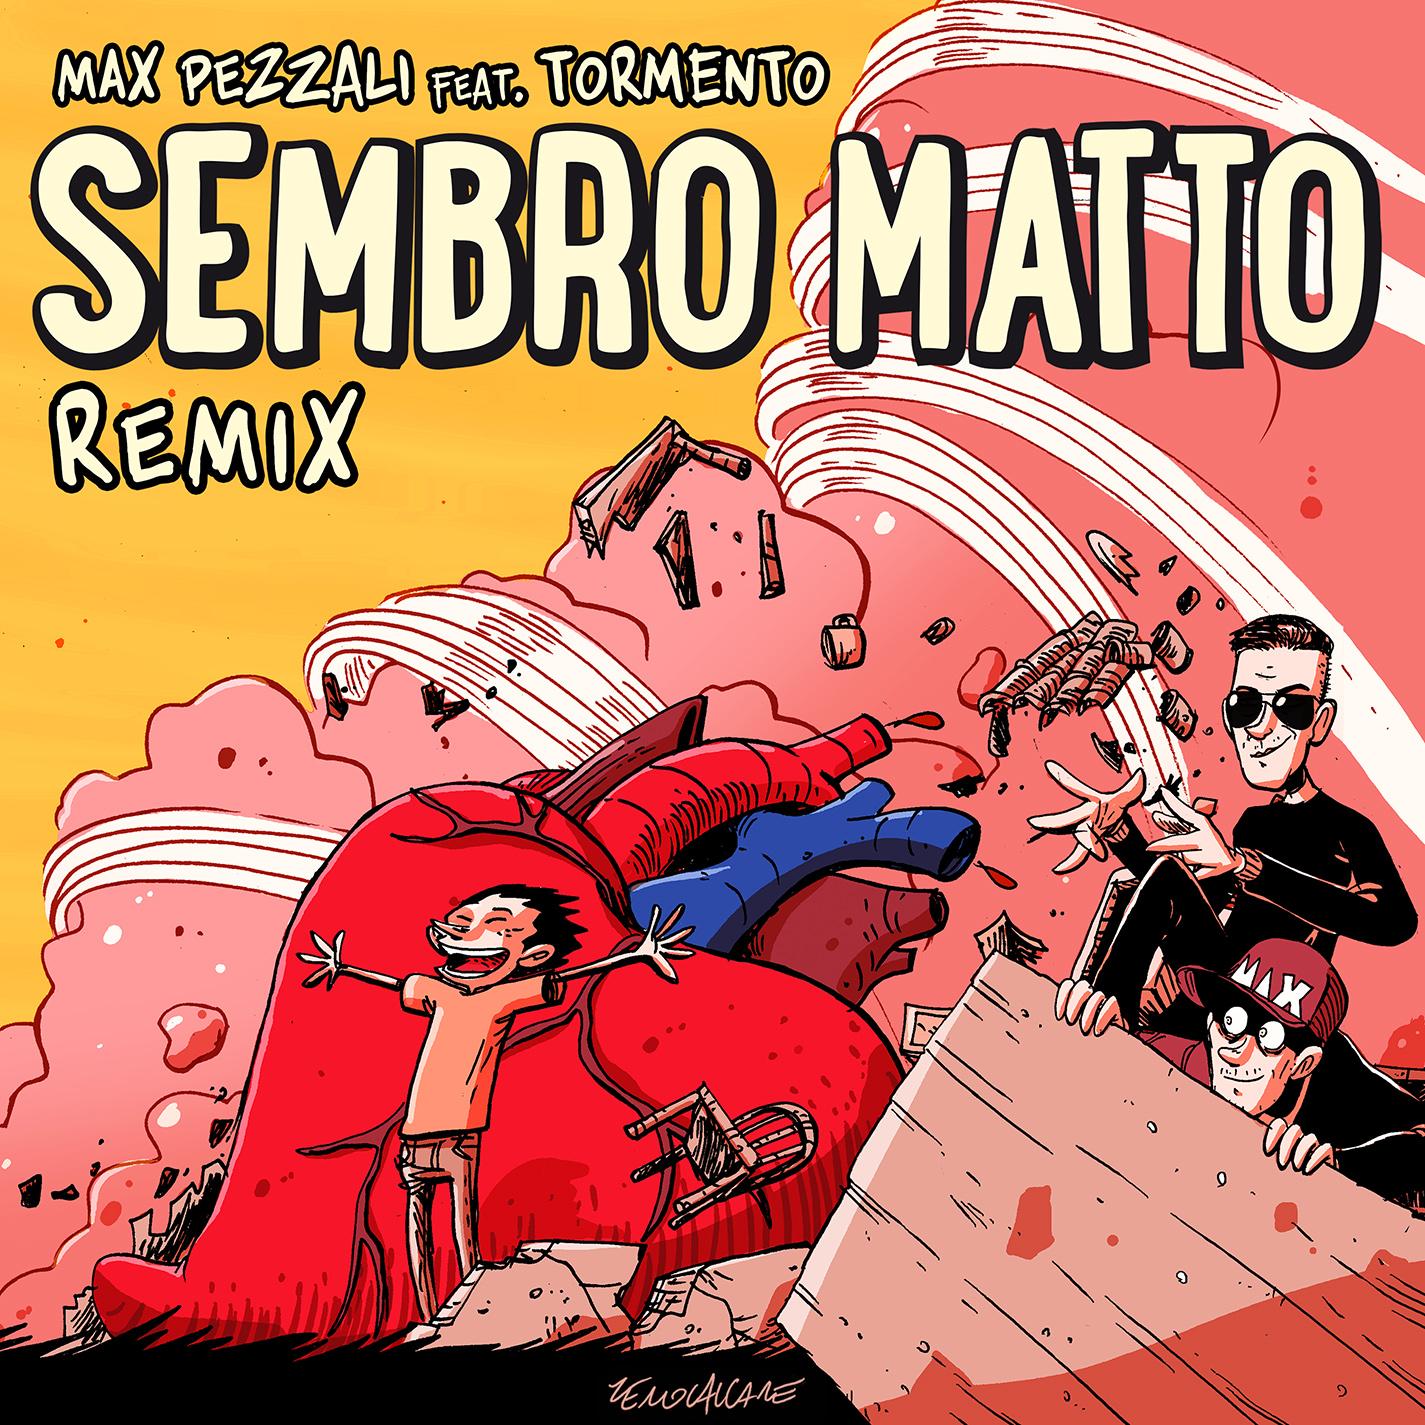 Max Pezzali - Sembro matto remix. Immagine di copertina di Zerocalcare